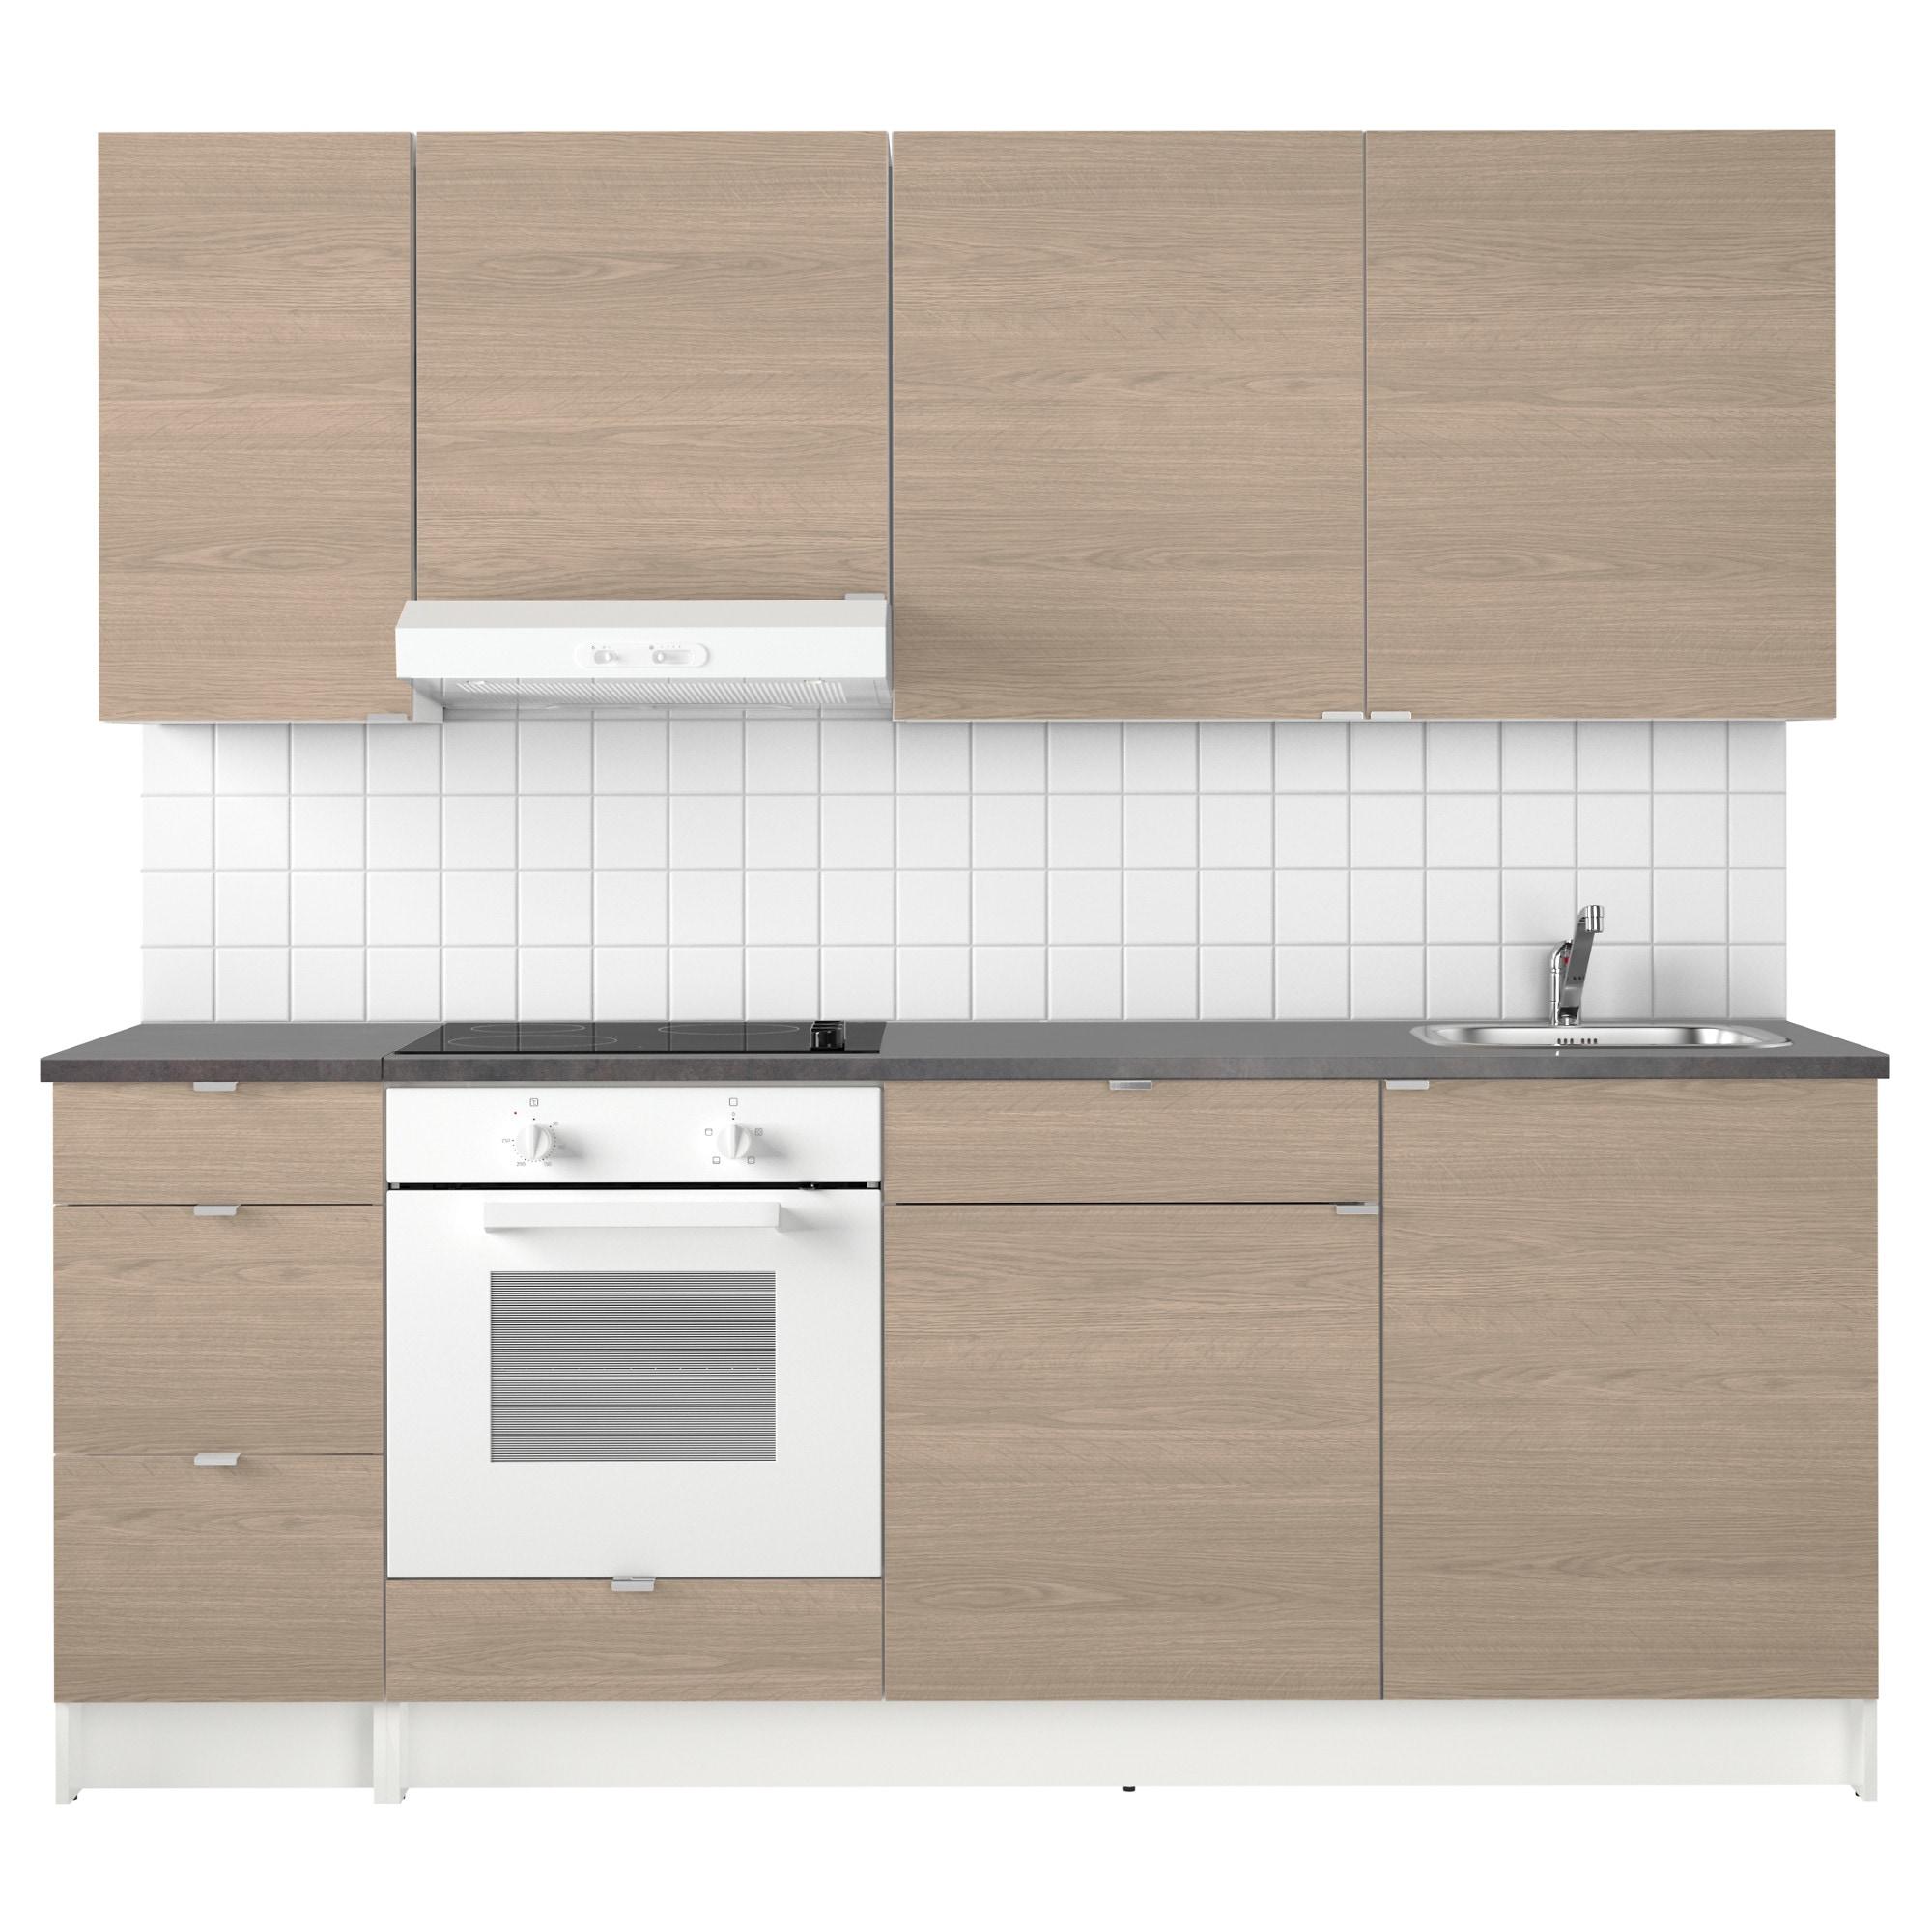 Full Size of Granitplatten Küche Arbeitsplatte Landhaus Arbeitsplatten Handtuchhalter Kräutergarten Einbauküche Kaufen Wanduhr Blende Eckküche Mit Elektrogeräten Wohnzimmer Single Küche Ikea